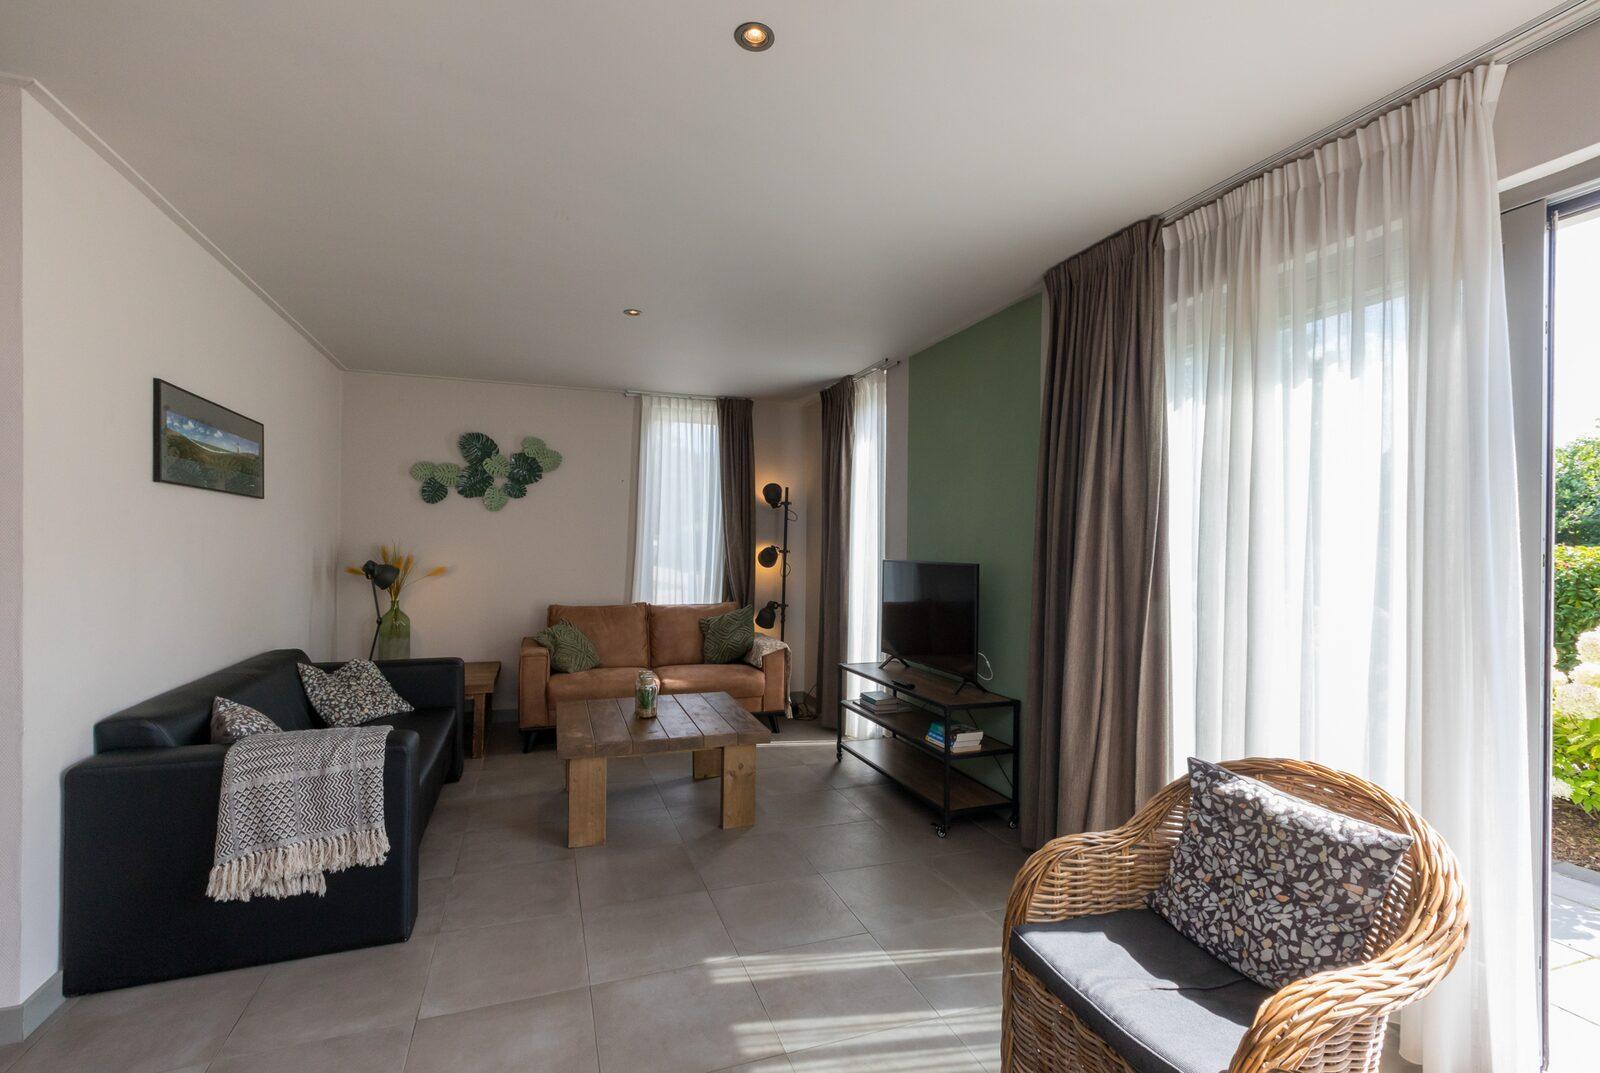 Ferienhaus für 8 Personen ca 120 m² in Serooskerke Zeeland Küste von Zeeland